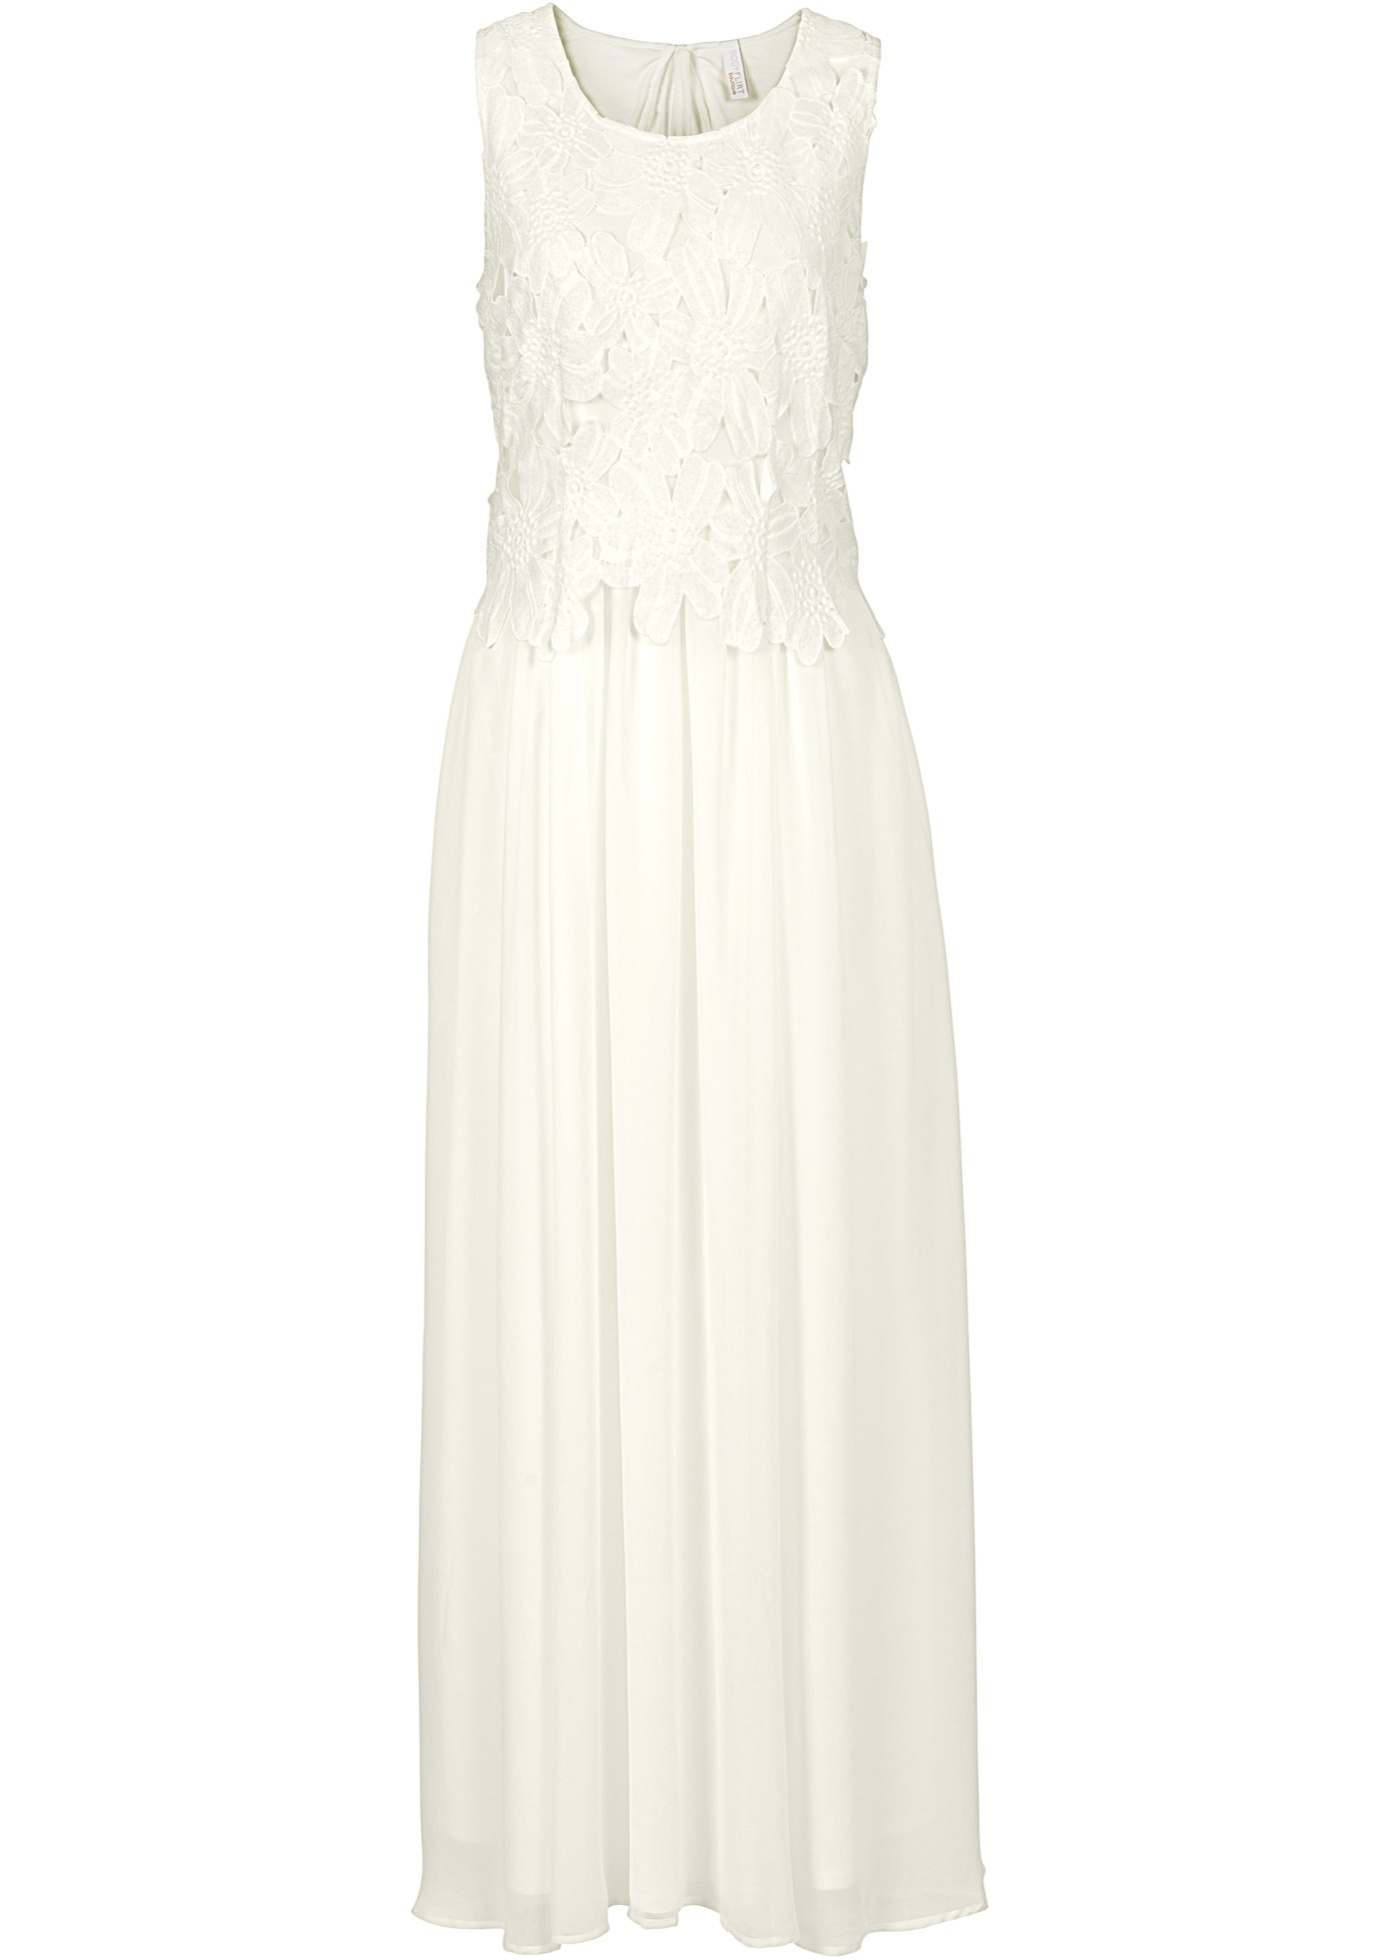 Pin von Sabine Senne auf Products  Kleider, Modestil, Weißes kleid